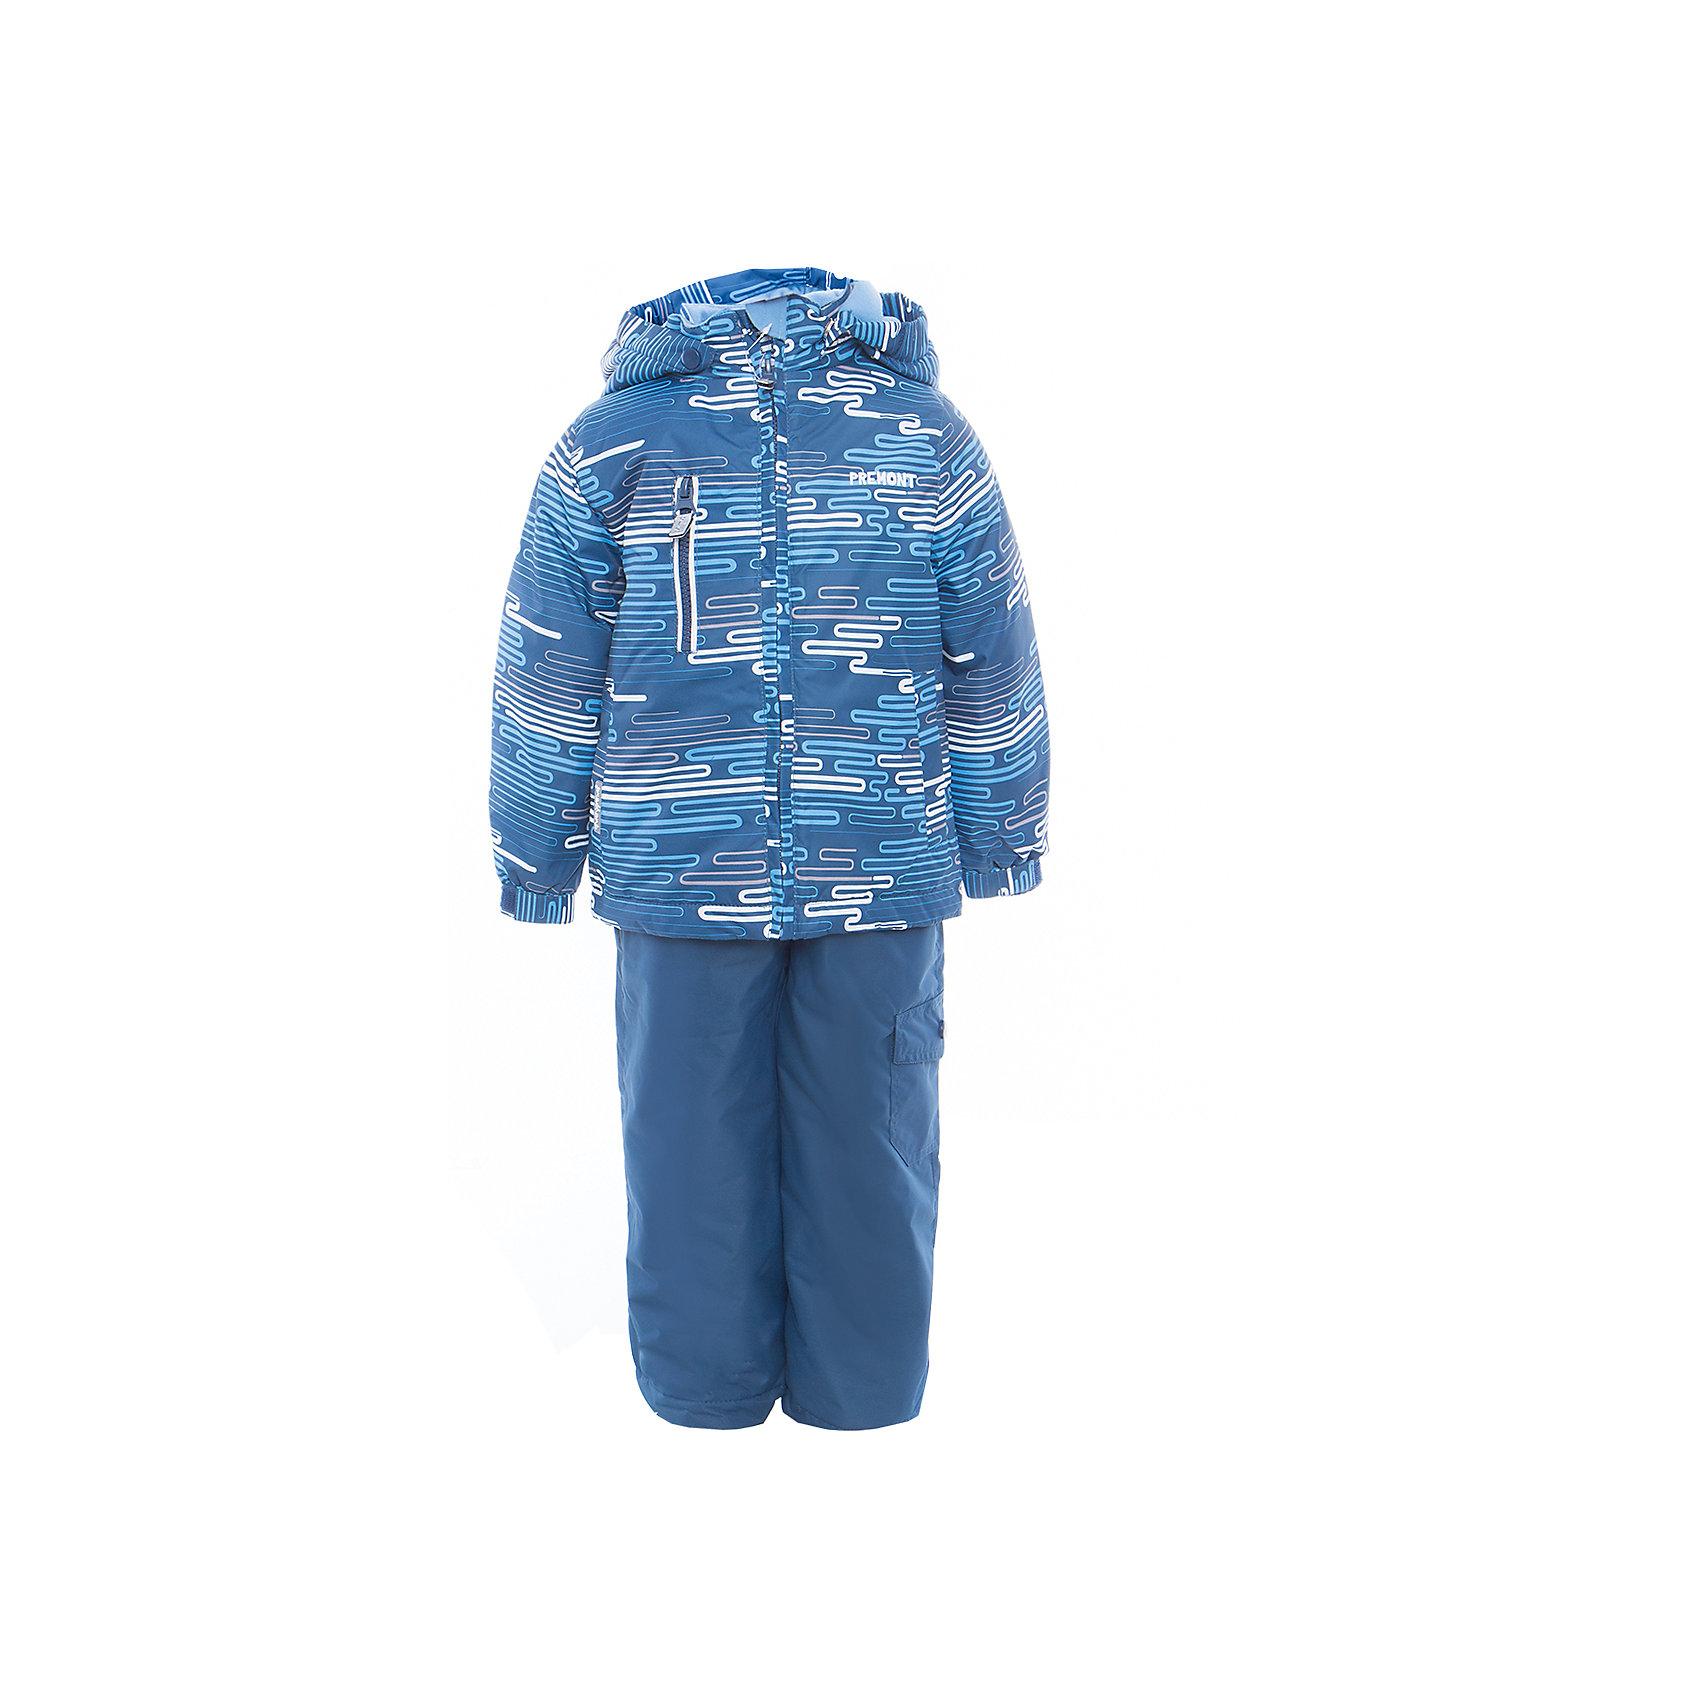 Комплект: куртка и полукомбинезон для мальчика PremontВерхняя одежда<br>Характеристики товара:<br><br>• цвет: синий<br>• составткани: 100% полиэстер, мембрана 3000 мм/ 3000 г/м ?/24h<br>• подкладка: тафетта, трикотаж с ворсом на воротнике и в капюшоне<br>• утеплитель - Tech-Polyfill, в куртке 120 г/м2,  в брюках 80 г/м2<br>• комплектация: куртка и полукомбинезон<br>• температурный режим: от -5° С до +10° С<br>• водонепроницаемый материал<br>• съемный капюшон<br>• силиконовые съемные штрипки<br>• брюки с утяжкой на талии<br>• светоотражающие элементы<br>• страна бренда: Канада<br><br>Демисезонный комплект Premont обеспечит ребенку комфорт и тепло во время прогулок. Комплект хорошо защищает от ветра и влаги. Материал отлично подходит для дождливой погоды. <br>Одежда от канадского бренда Premont стильная, качественные и удобная. Для производства продукции используются только безопасные, проверенные материалы и фурнитура. Порадуйте ребенка модными и красивыми вещами от Premont! <br><br>Комплект: куртка и полукомбинезон для мальчика от известного бренда Premont можно купить в нашем интернет-магазине.<br><br>Ширина мм: 356<br>Глубина мм: 10<br>Высота мм: 245<br>Вес г: 519<br>Цвет: синий<br>Возраст от месяцев: 48<br>Возраст до месяцев: 60<br>Пол: Мужской<br>Возраст: Детский<br>Размер: 110,104,116,122,128,134,140,146,152,92,98<br>SKU: 5353049